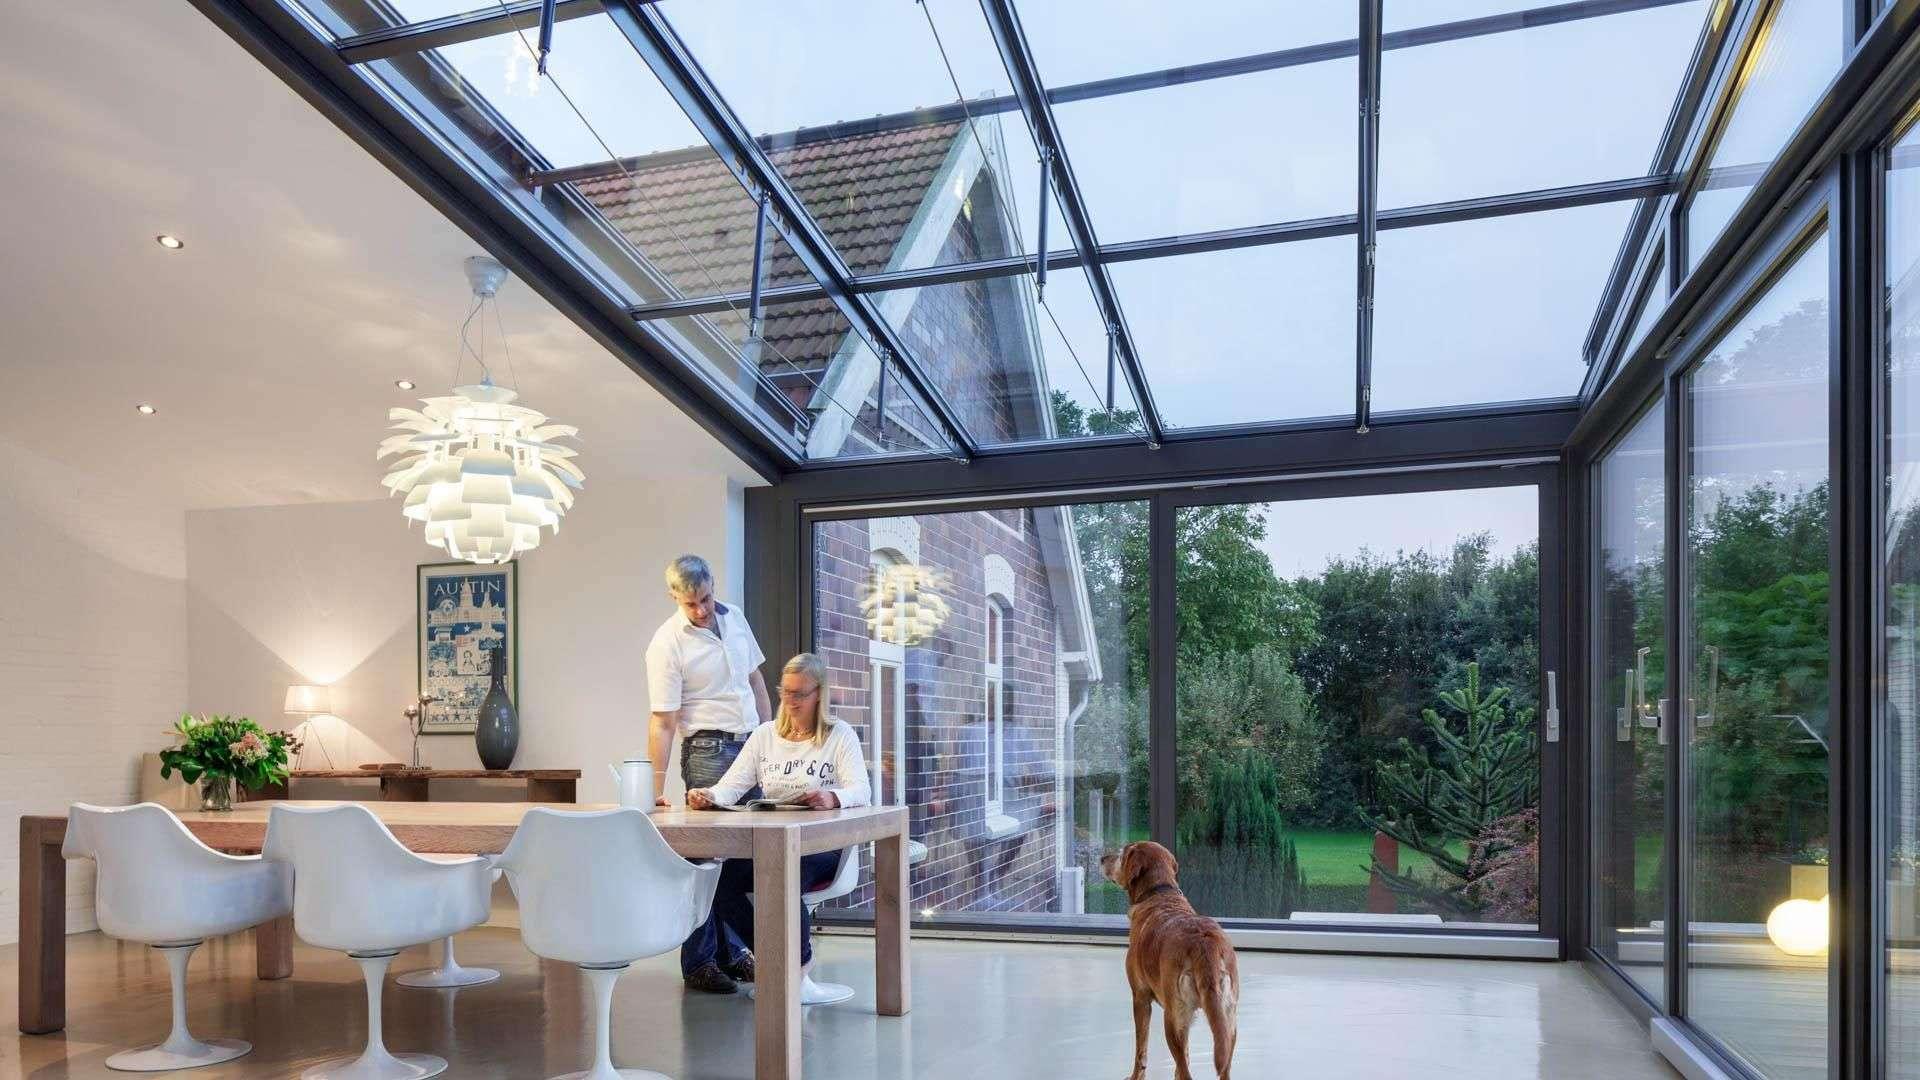 Innenanischt eines Solarlux SDL Akzent Vision Wintergartens mit Esstisch, an dem einen Frau sitzt. Mann steht hinter der Frau und im Wintergarten läuft ein Hund